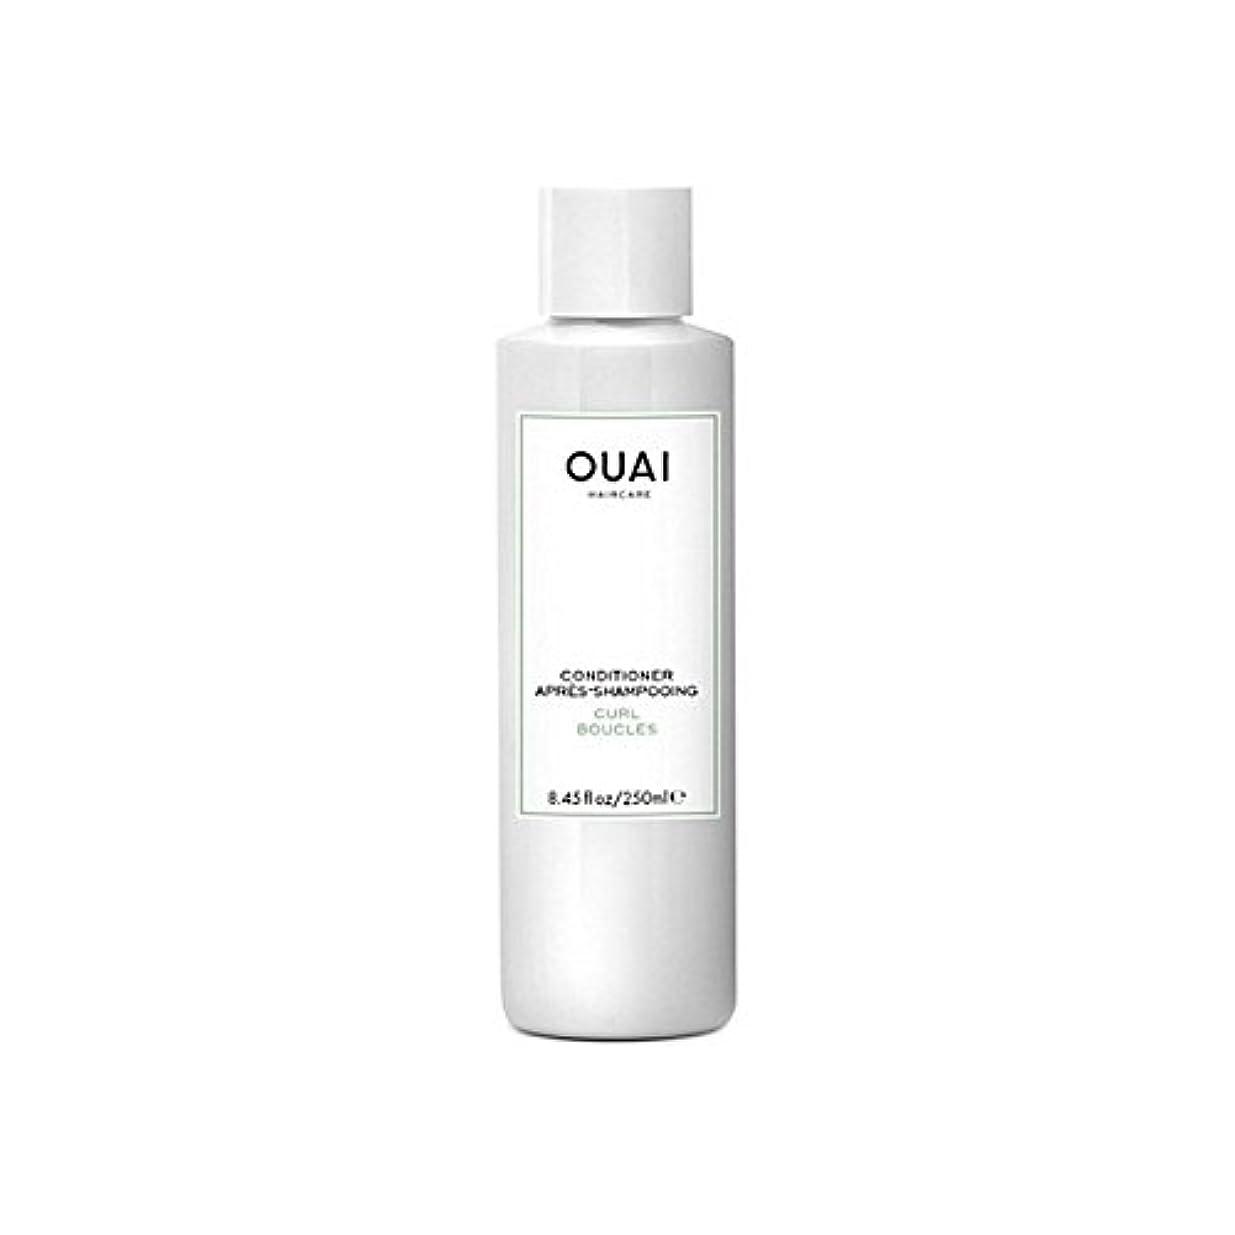 幹レンド解体するOuai Curl Conditioner 250ml - カールコンディショナー250 [並行輸入品]